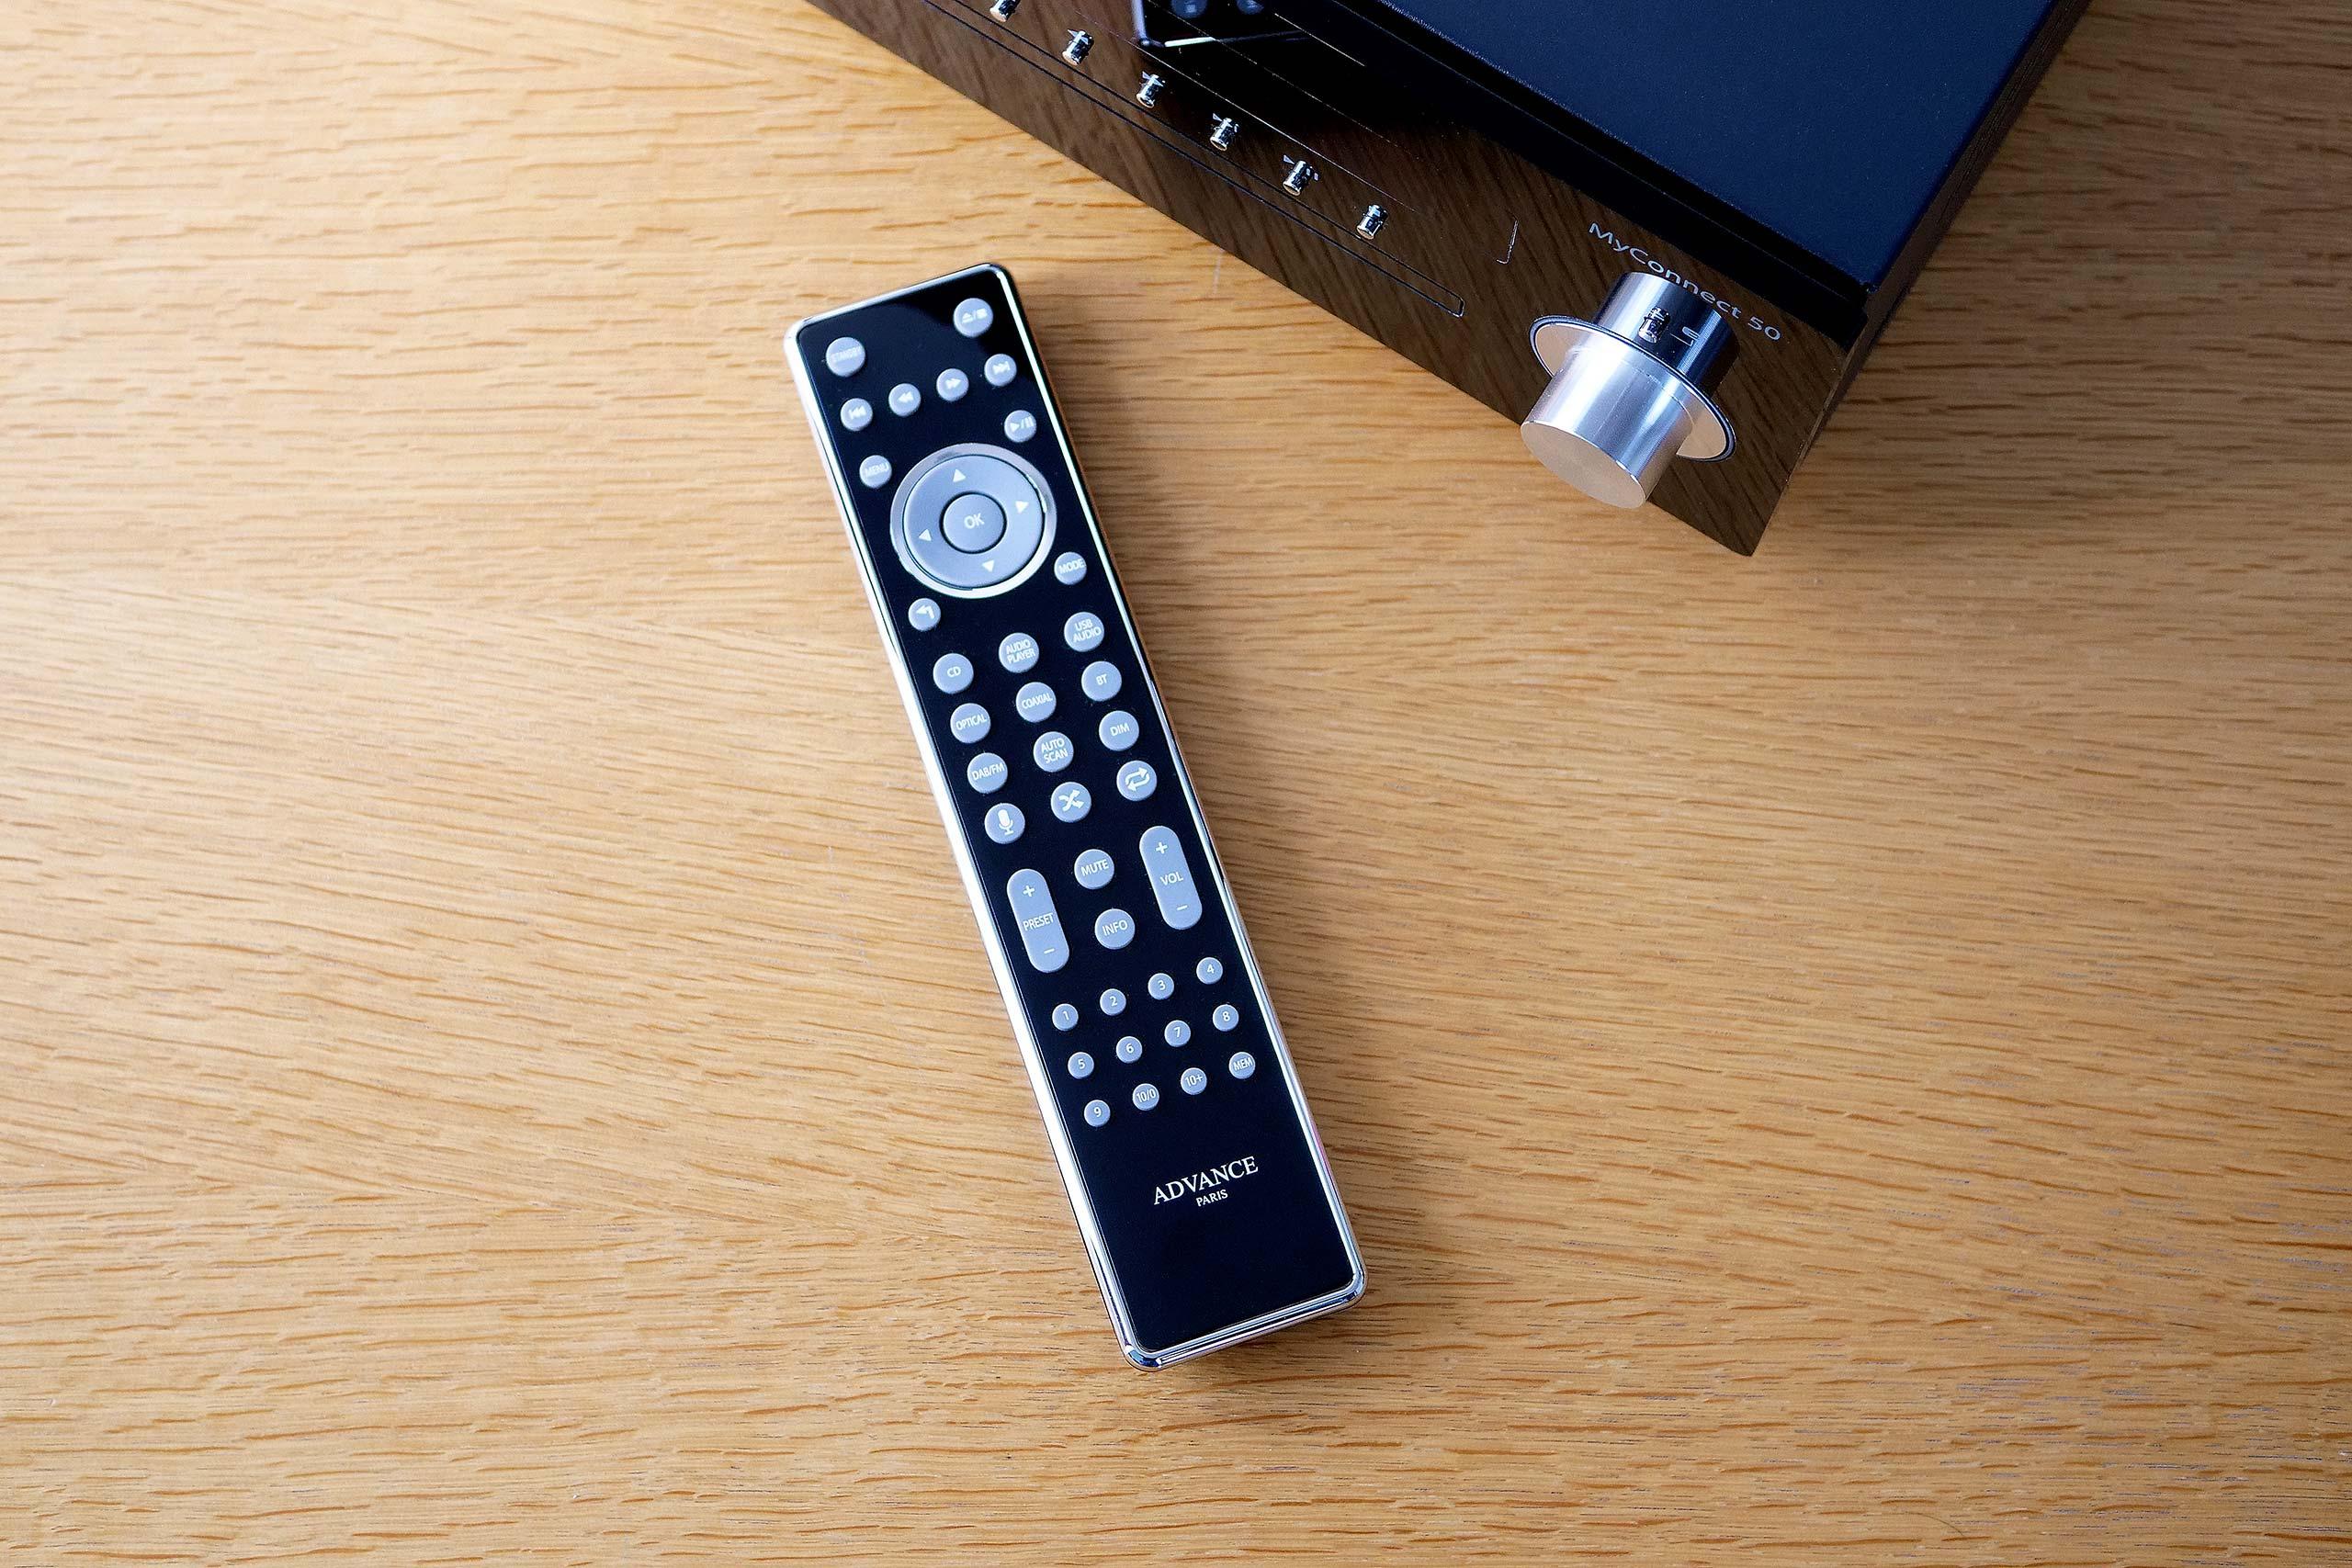 La télécommande du MyConnect 50 est assez imposante. Mais elle a le mérite d'offrir un accès direct à toutes les fonctions de l'amplificateur.